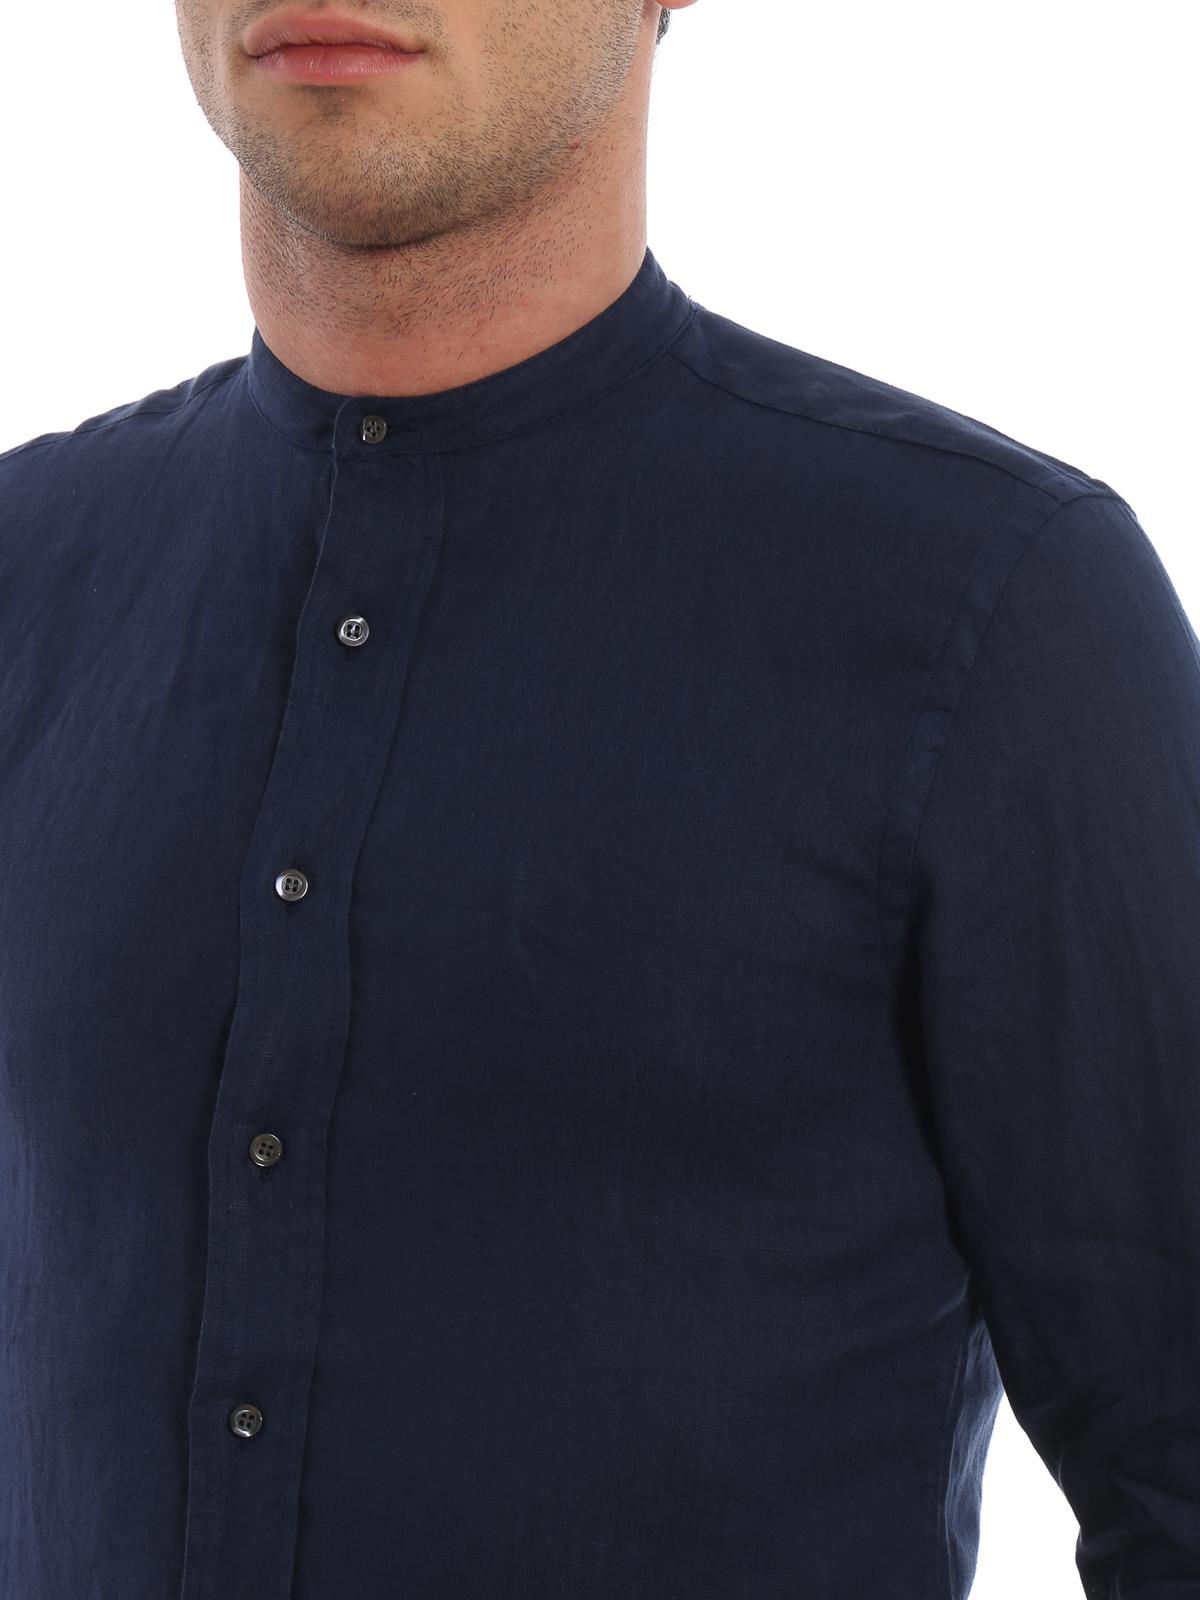 e32b32b38d Aspesi - Camicia estiva Bruce in lino blu - camicie - CE76C19585032